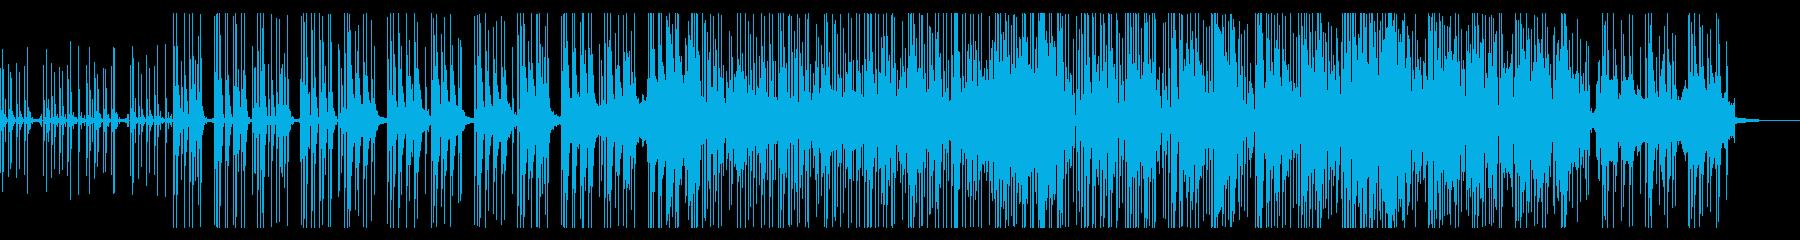 テクノ・エレクトロ・BPM120の再生済みの波形